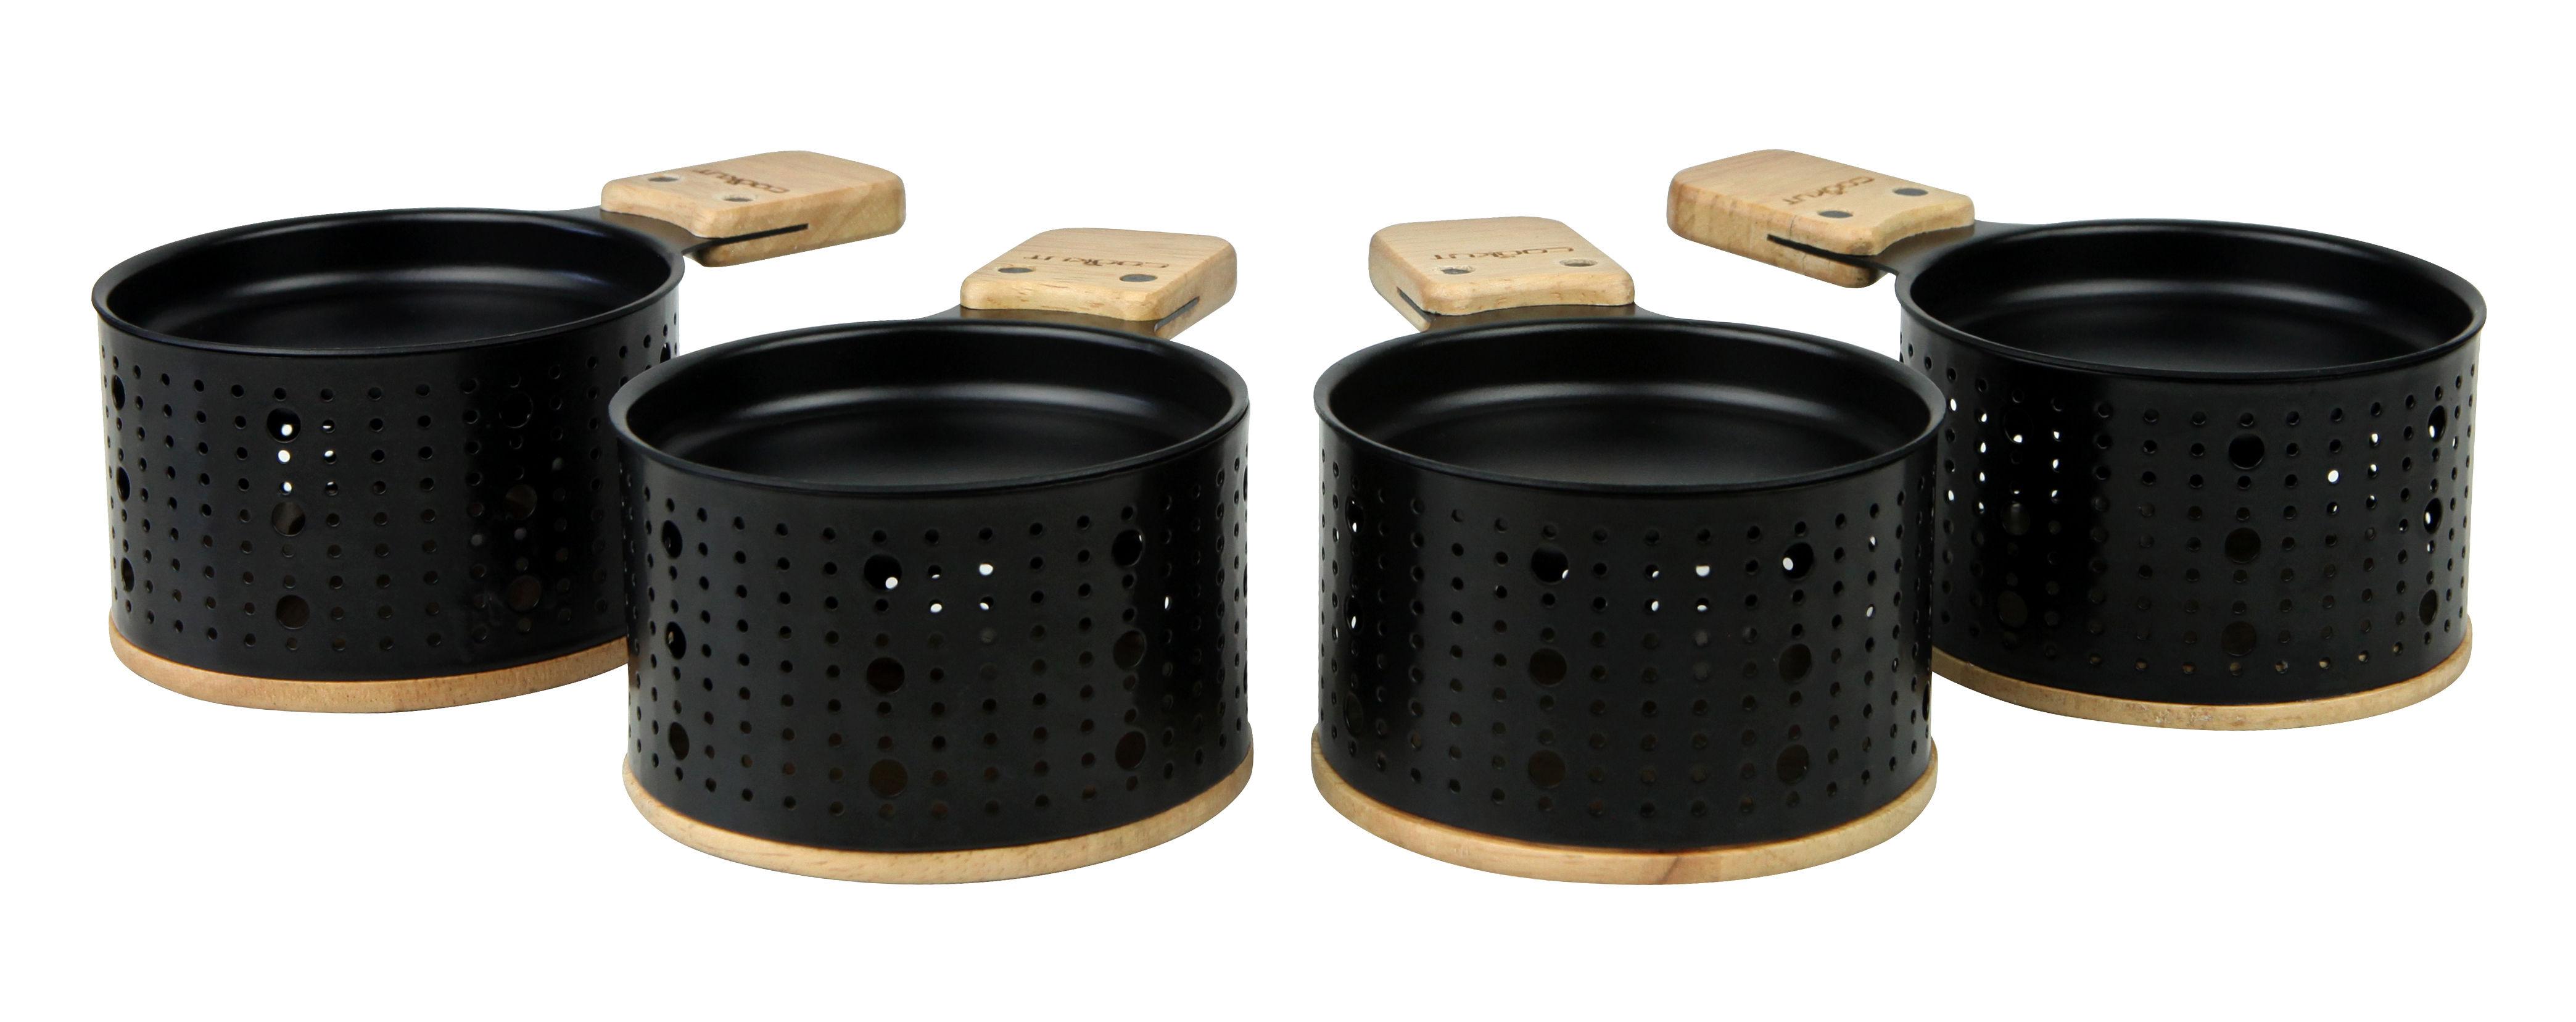 Set lumi pour raclette la bougie 4 personnes noir - Bhv ustensiles cuisine ...